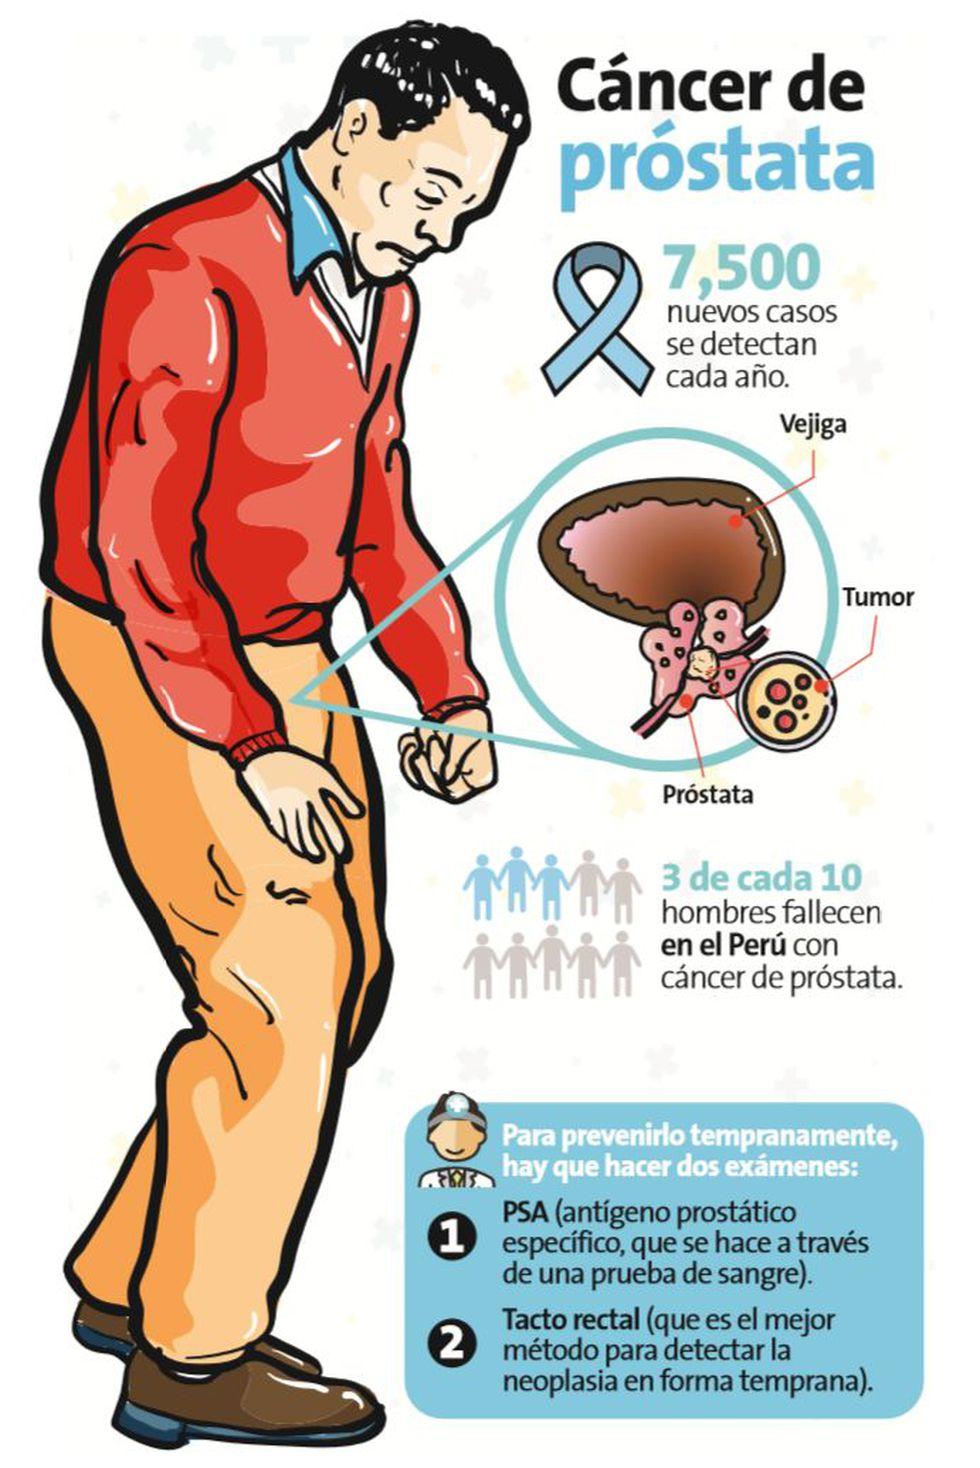 cancer de prostata como se detecta